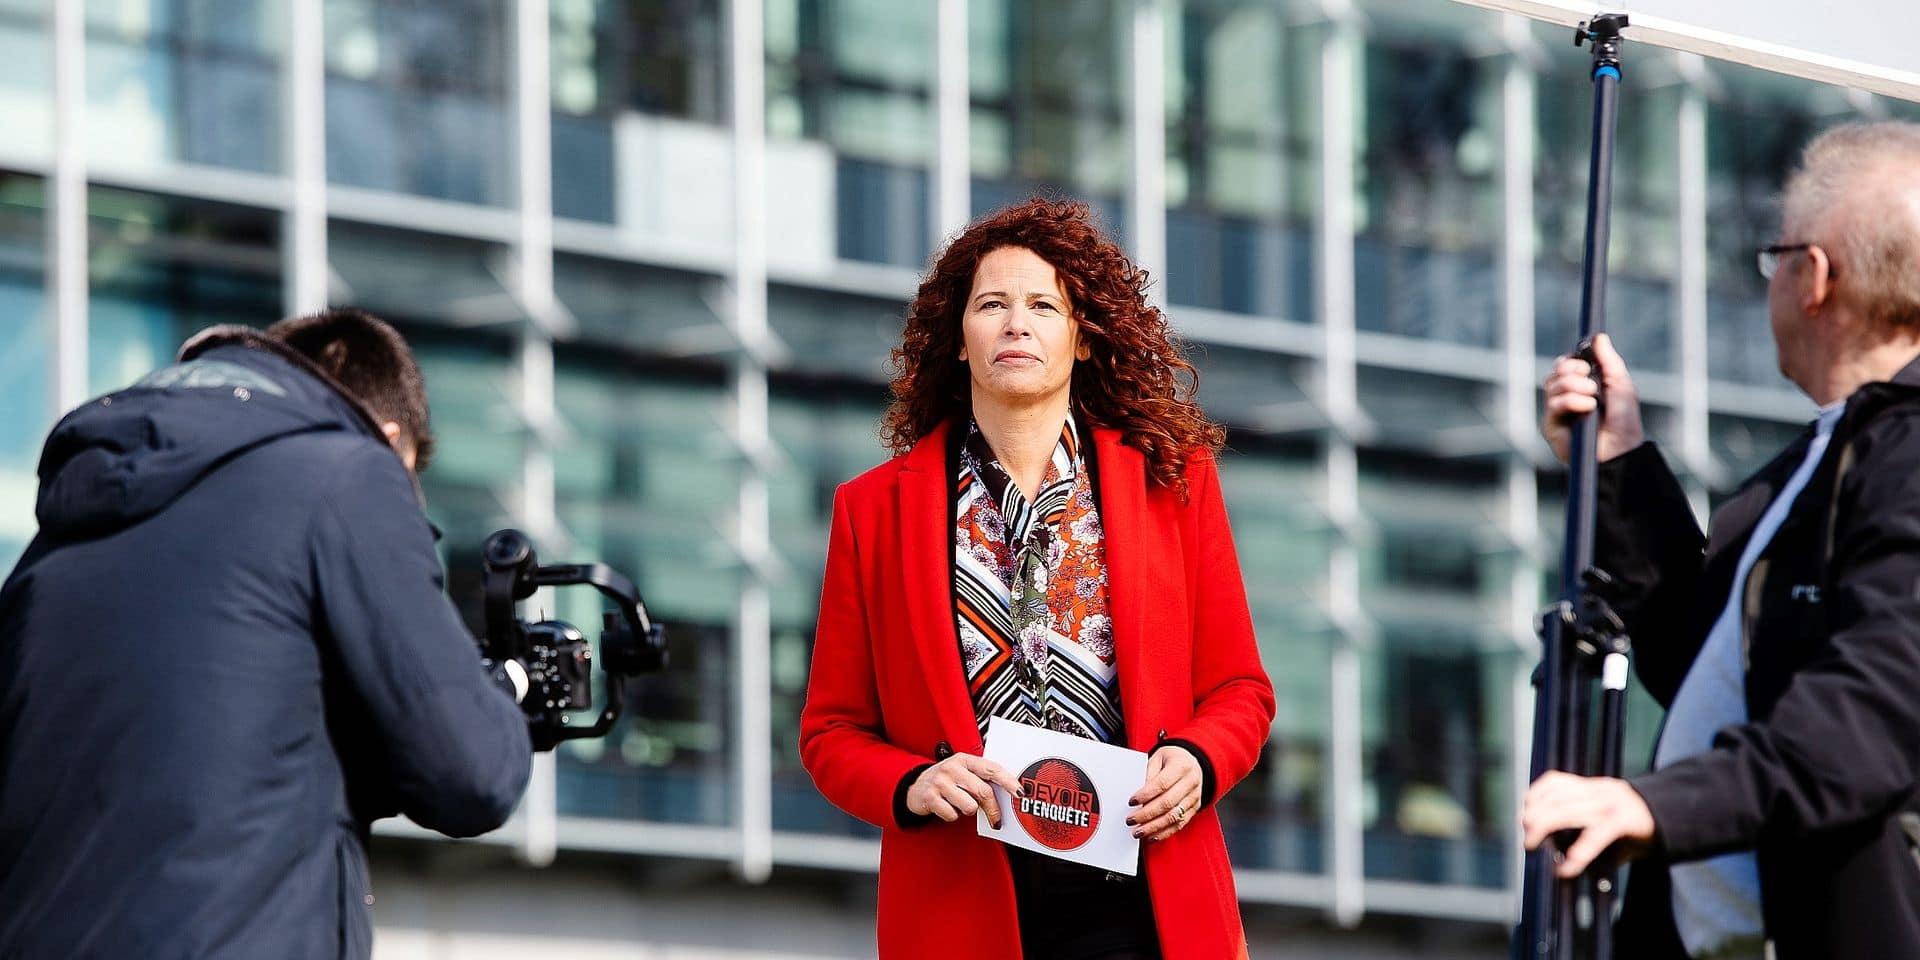 Charleroi :Tribunal de Commerce du Hainaut dans l'ancien Palais du verre: Reportage sur le tournage de Devoir d'enquete de la RTBF avec Malika Attar